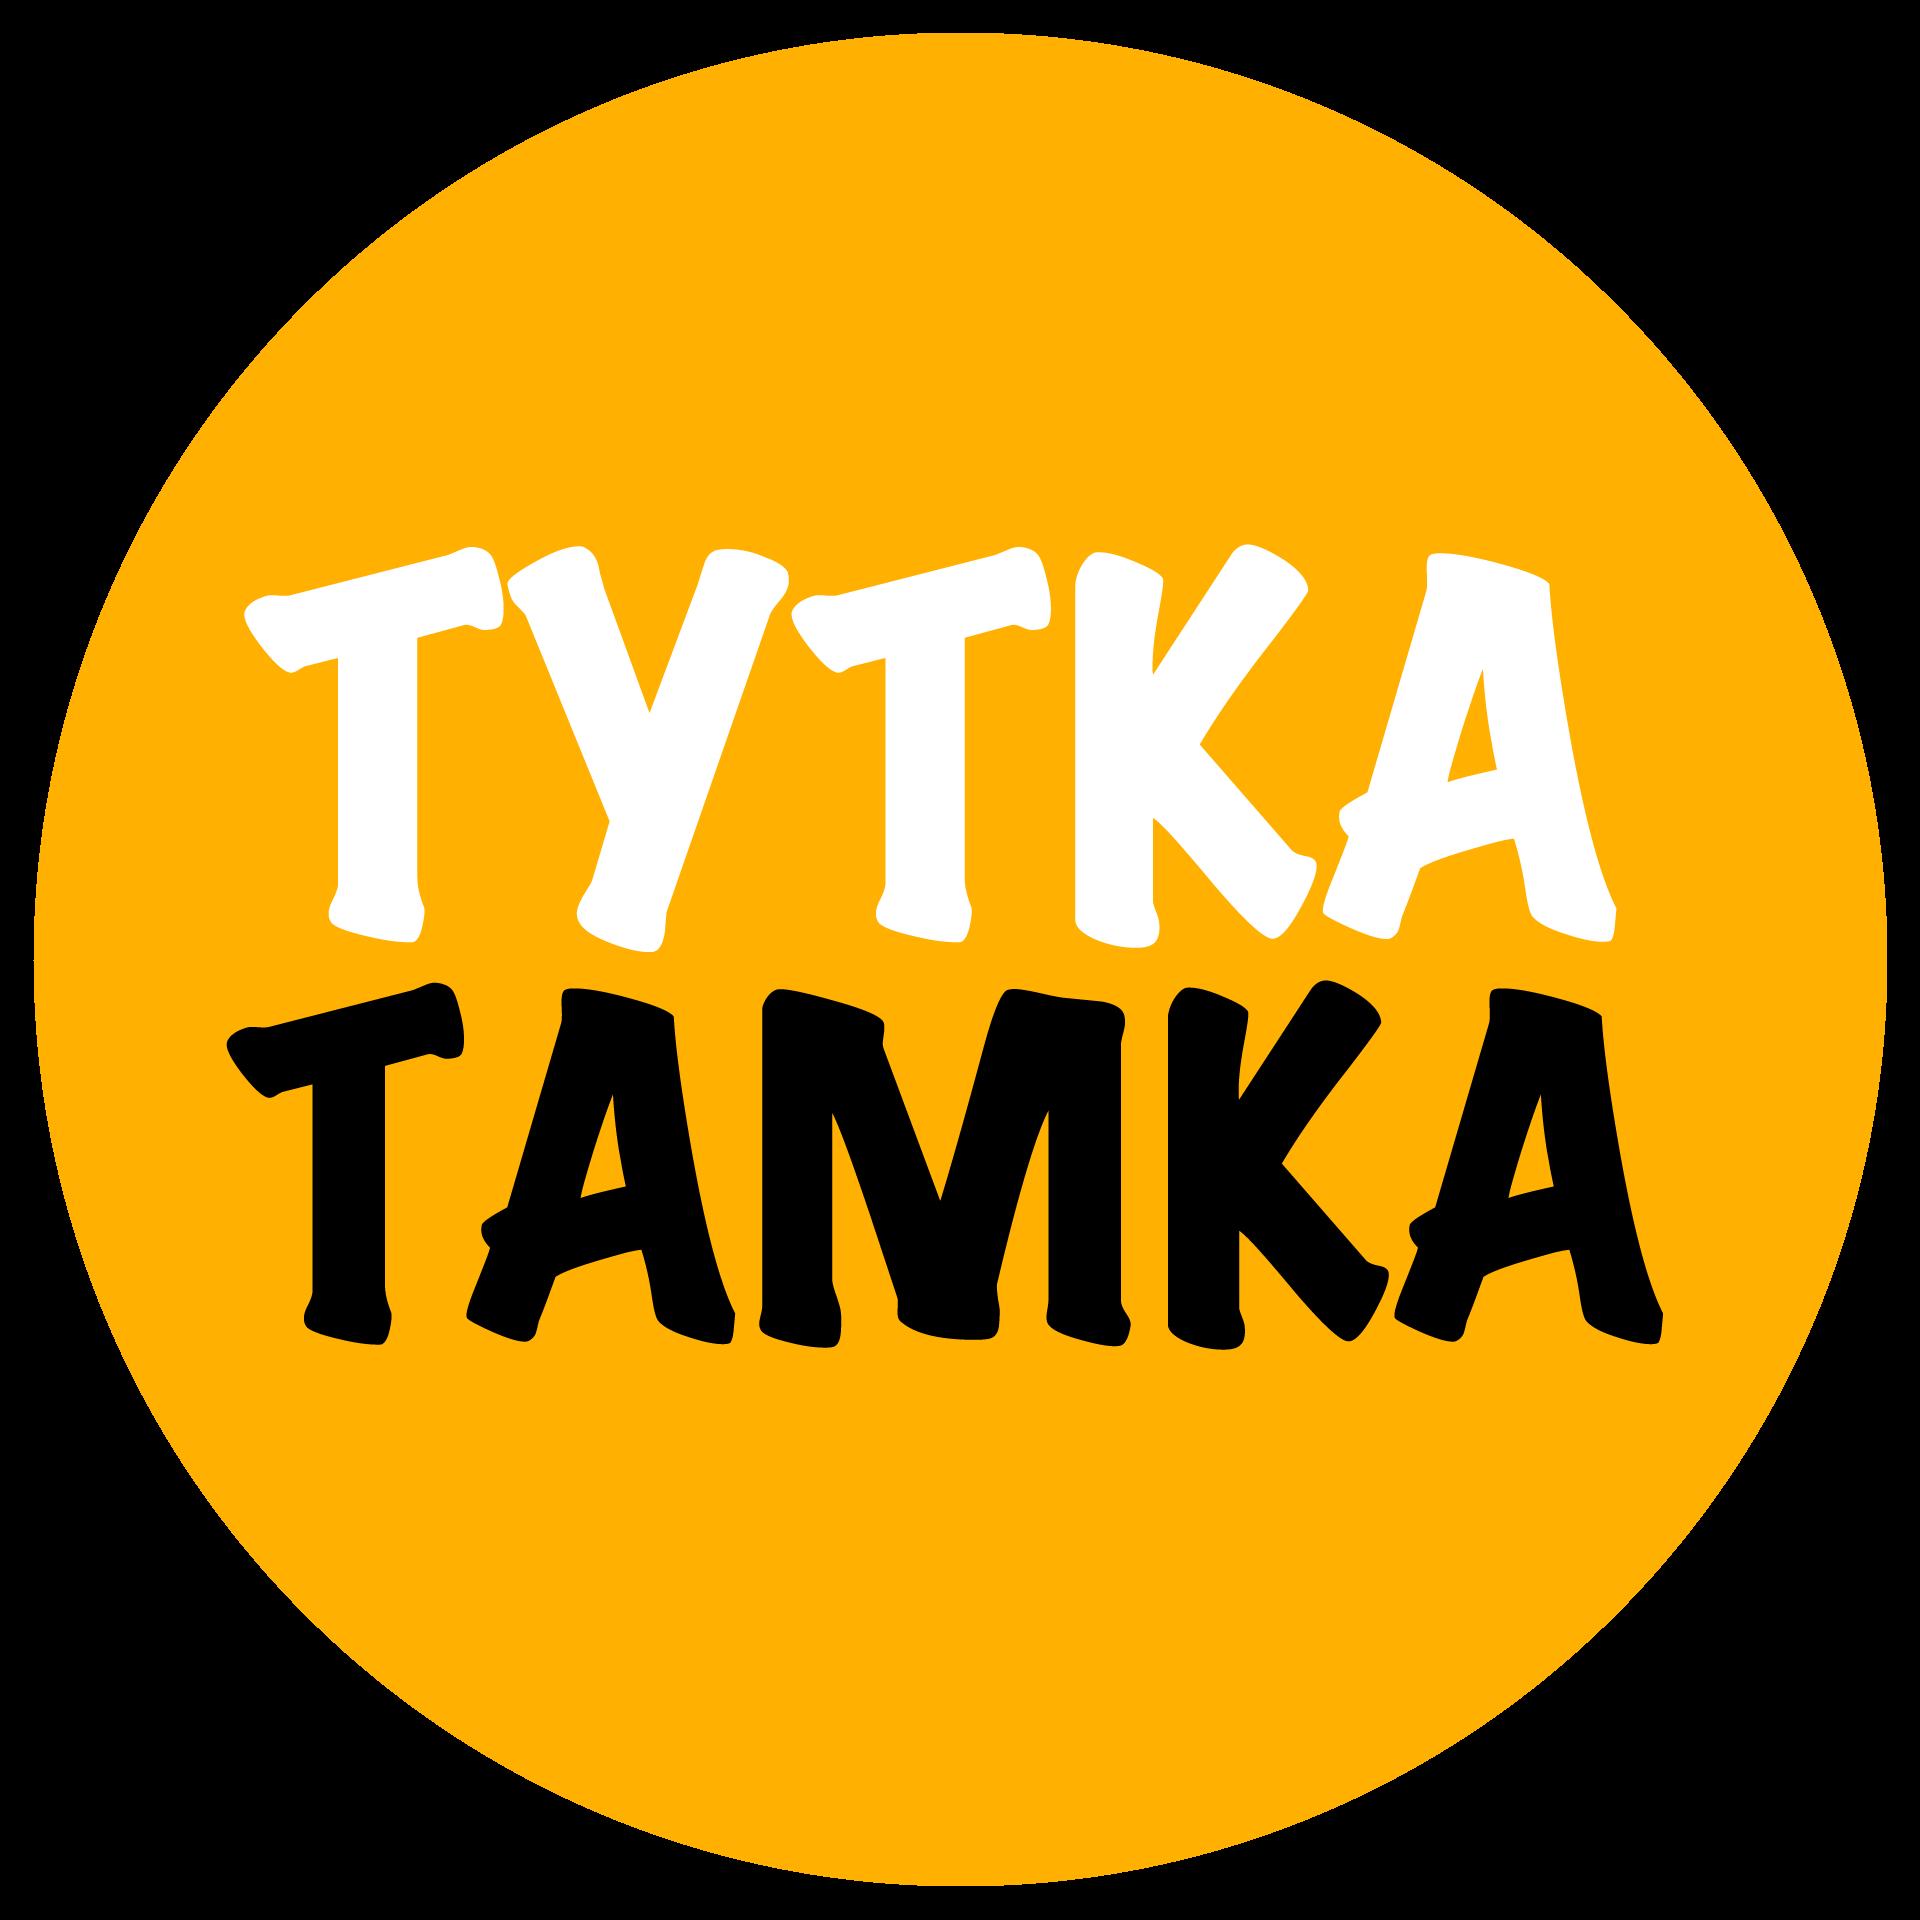 Тутка